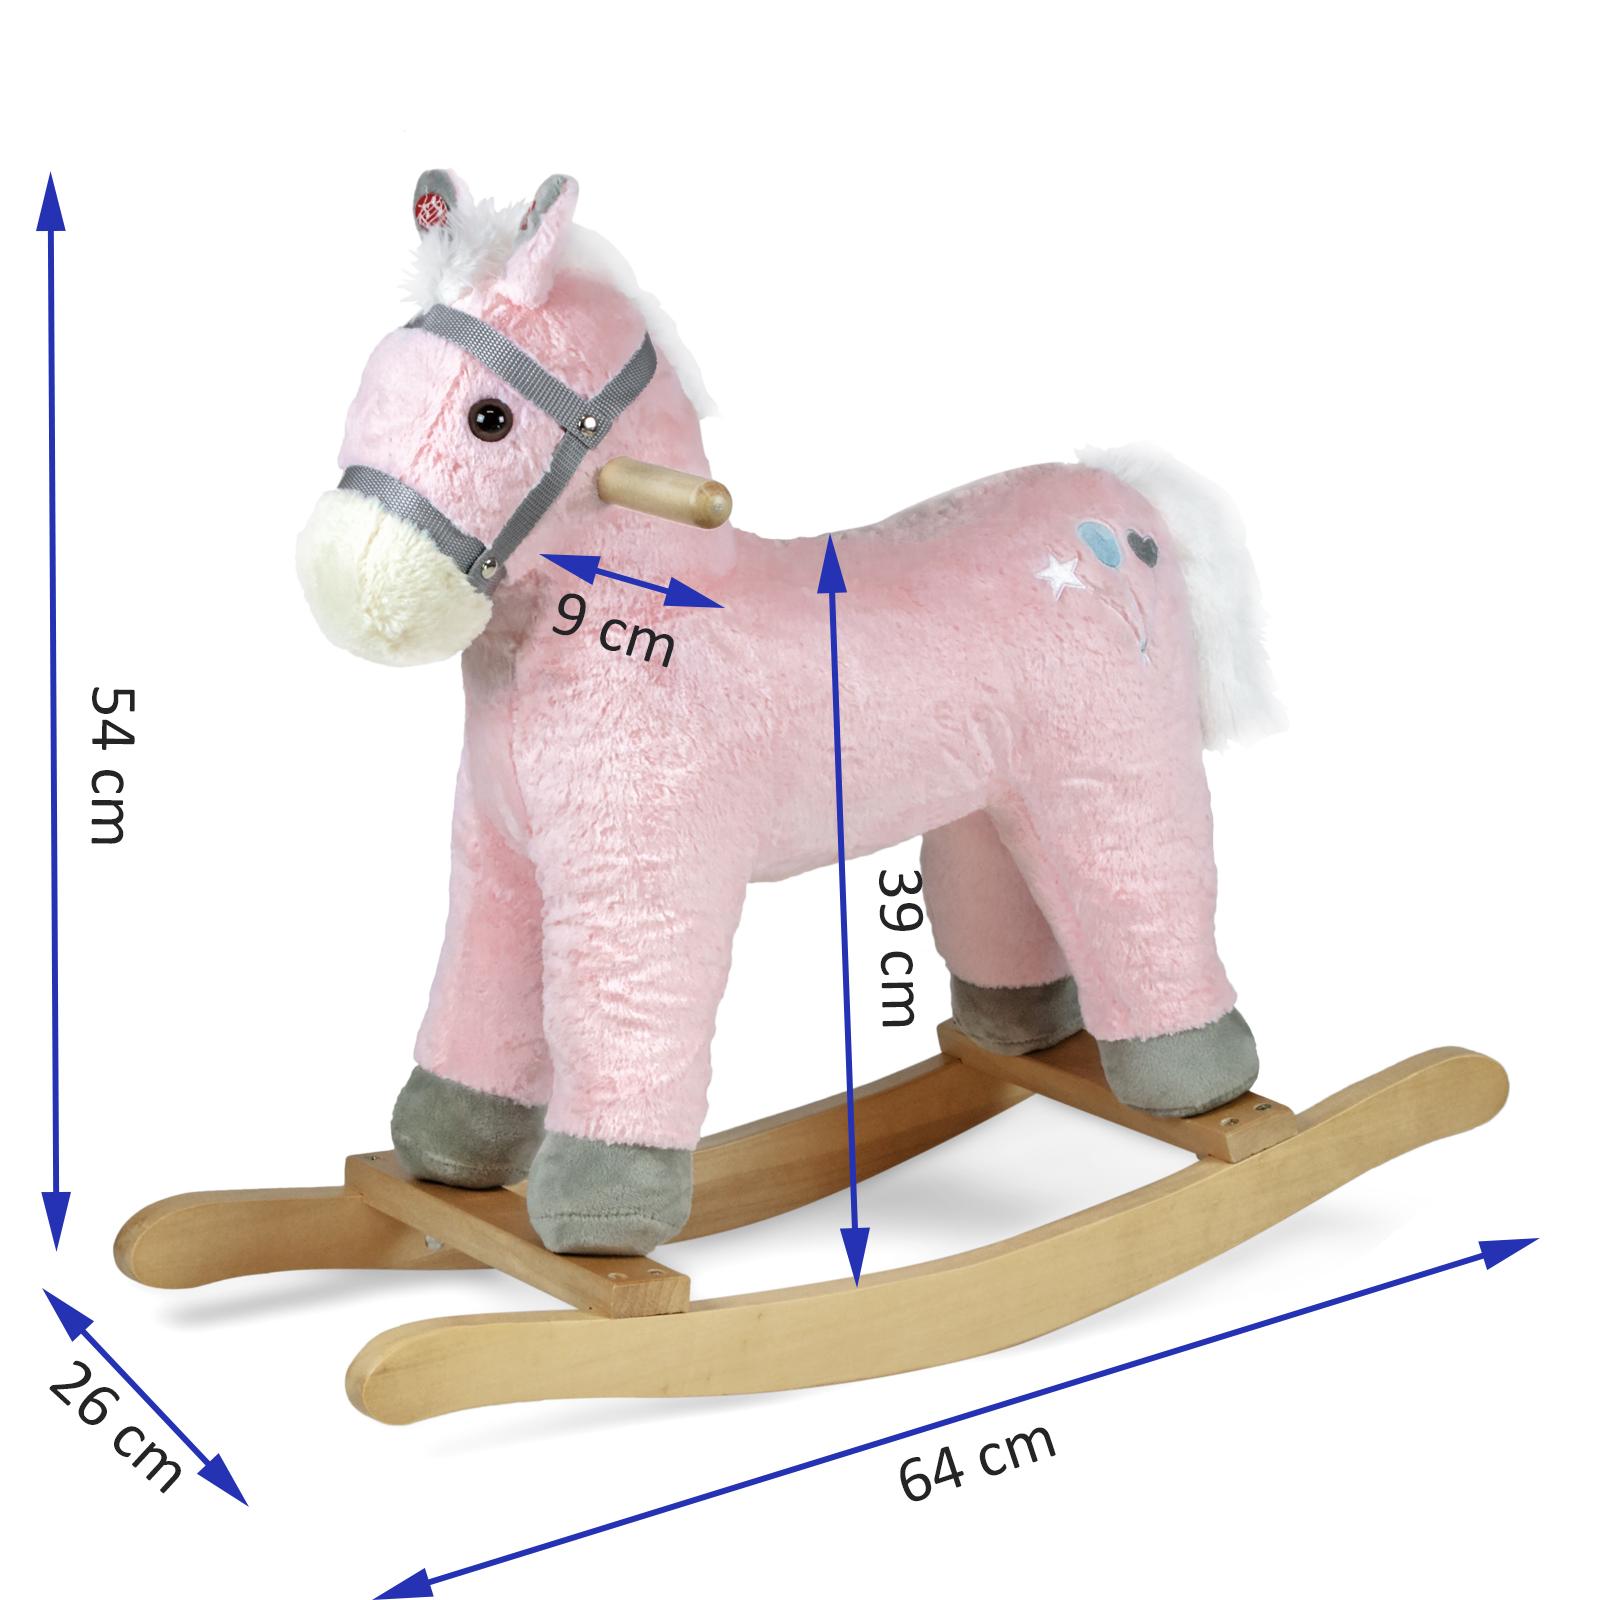 Schaukelpferd Schaukeltier Schaukel Pferd Plüsch Interactiv